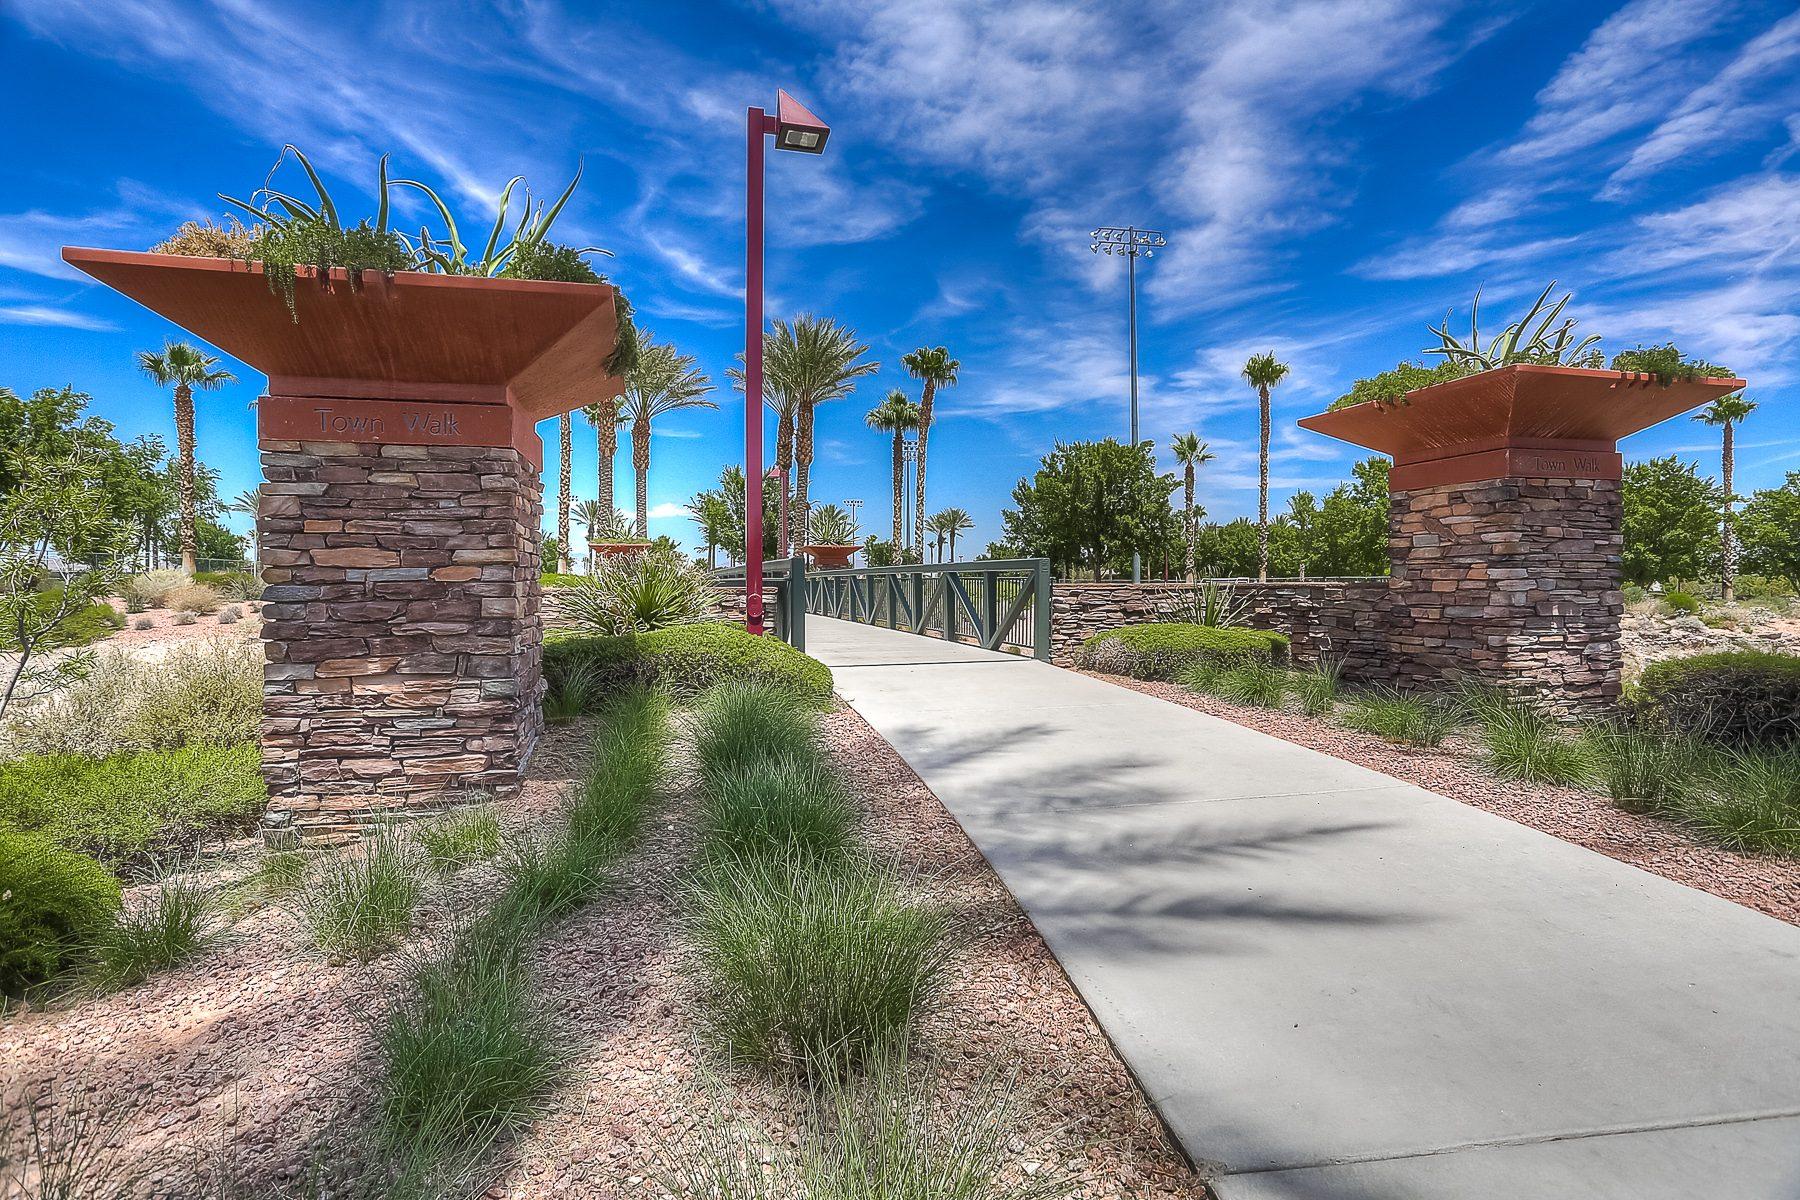 07 summerlin community parks